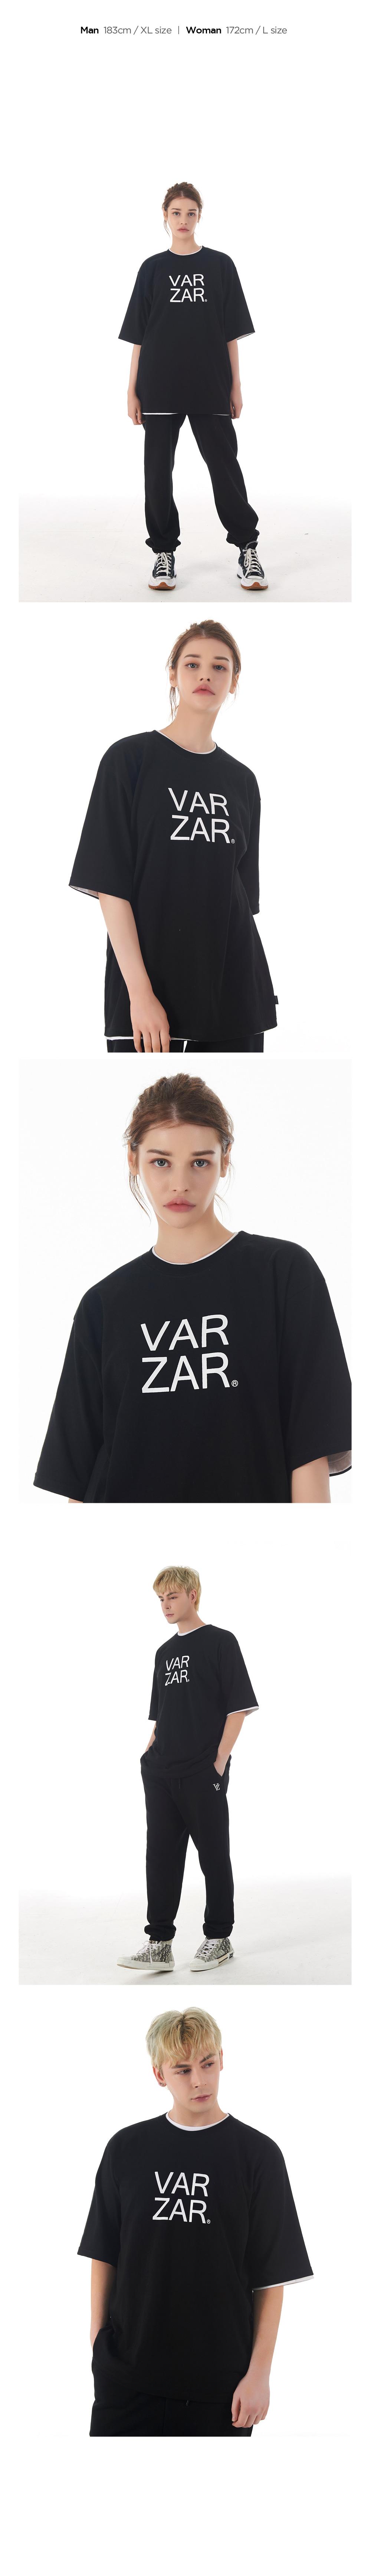 바잘(VARZAR) 오리지널 화이트 빅로고 반팔 티셔츠 블랙